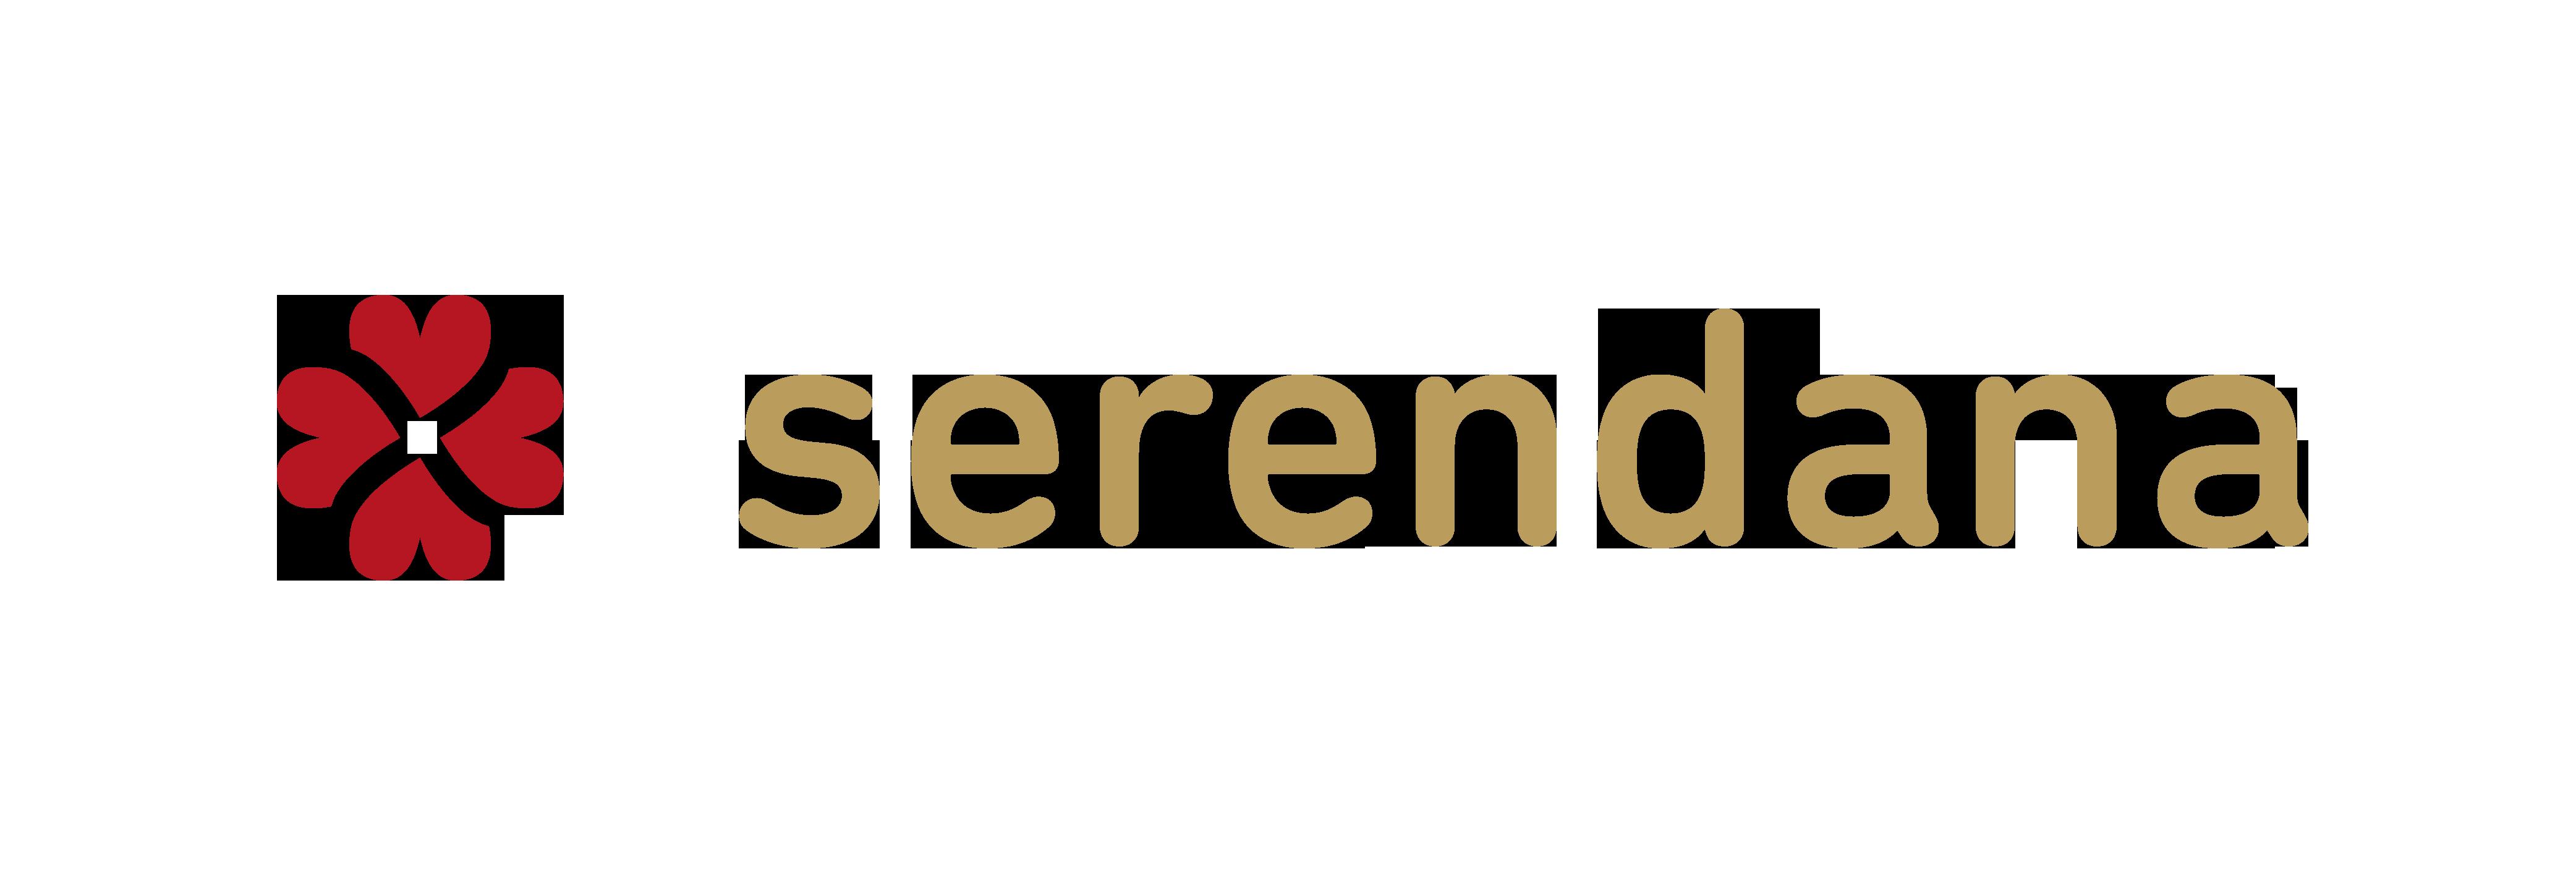 Serendana